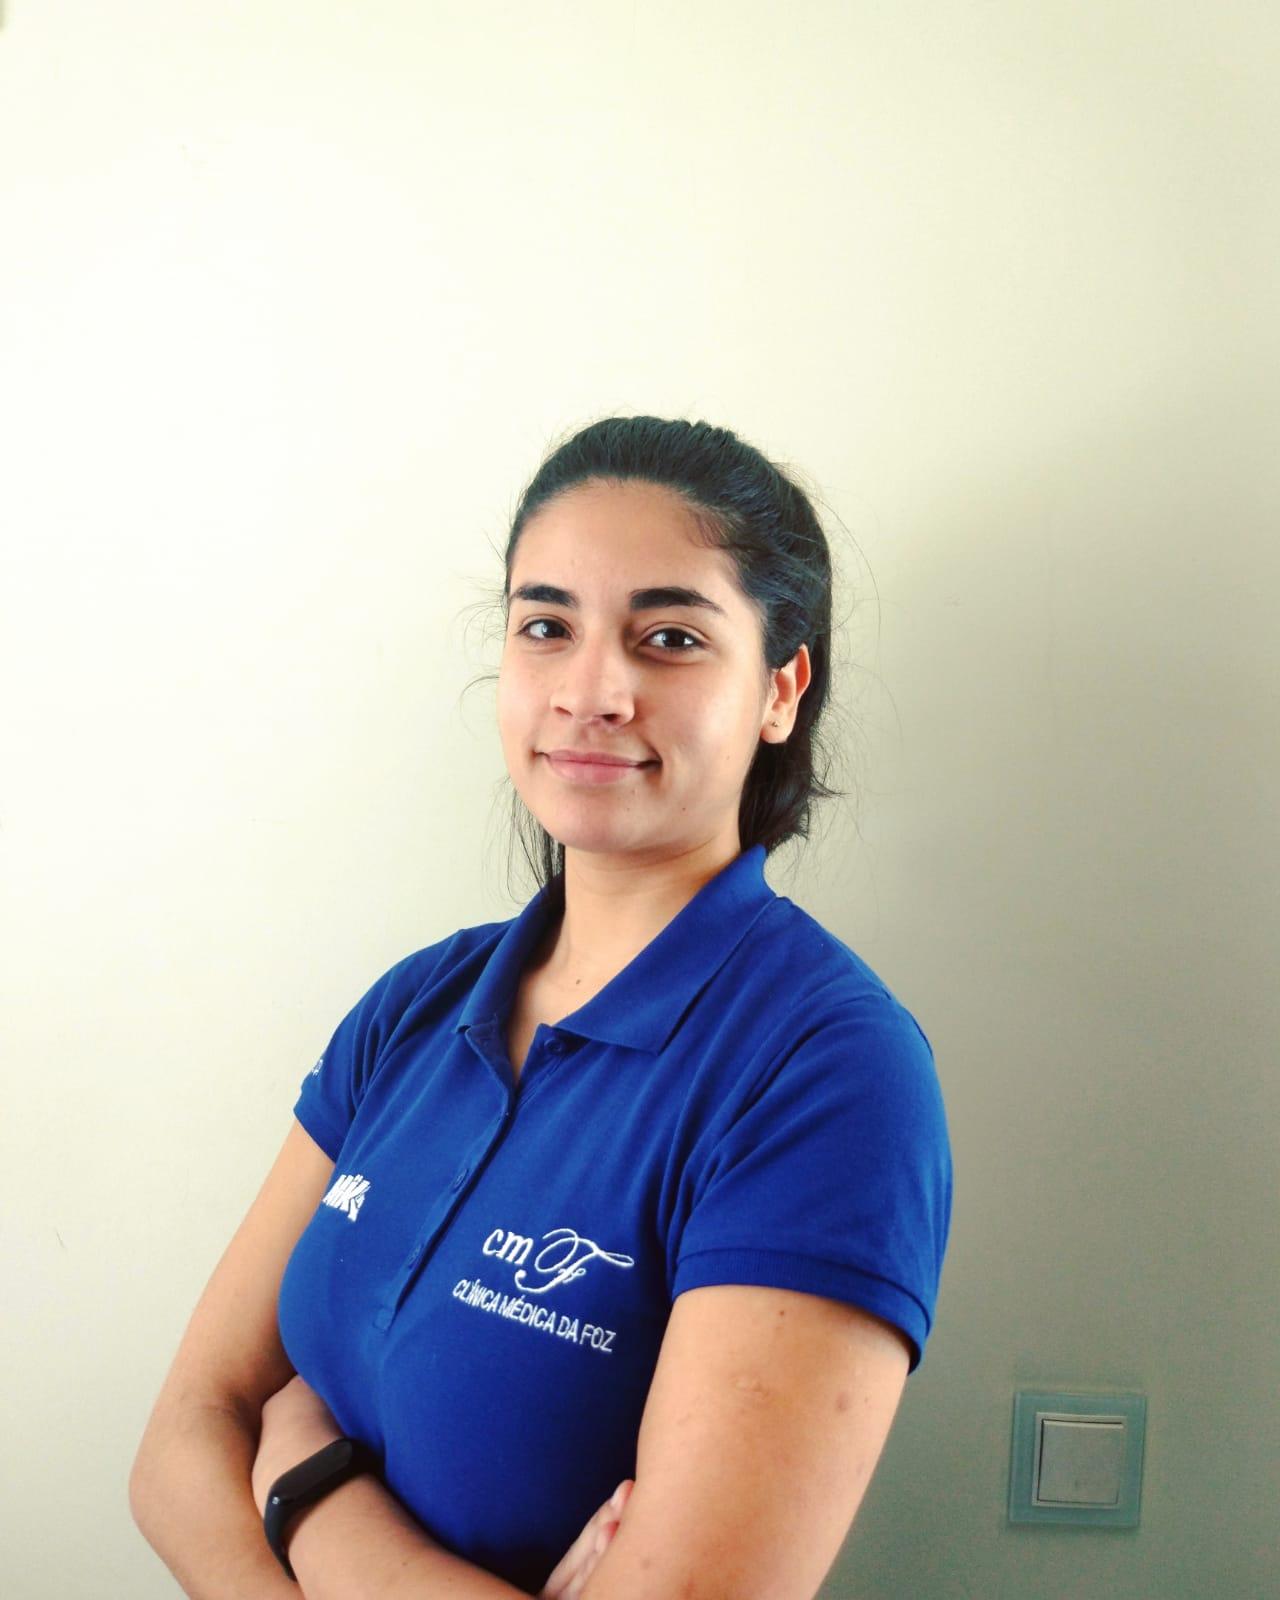 Dra. Sara Neves de Sousa - Clinica Médica da Foz